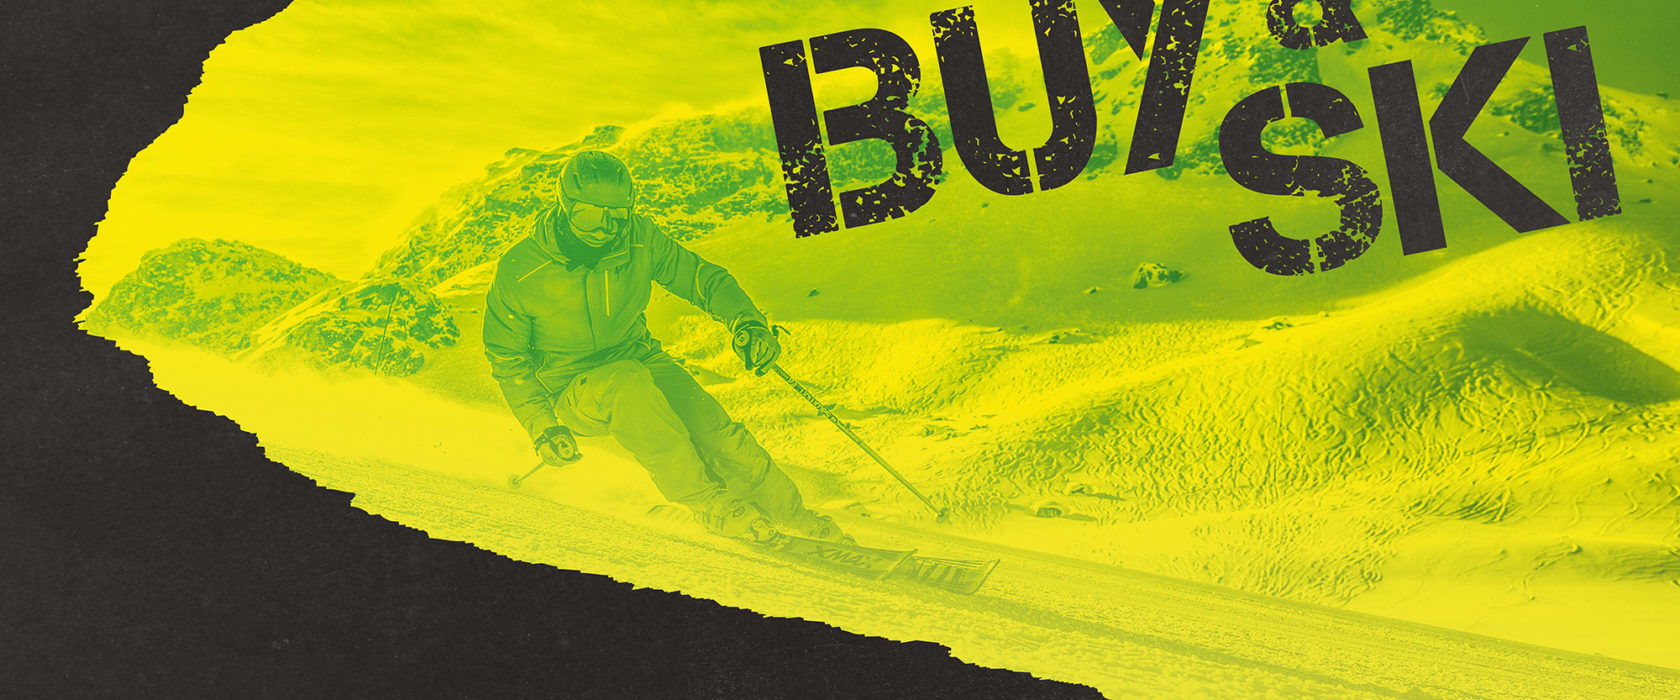 salomon buy and ski